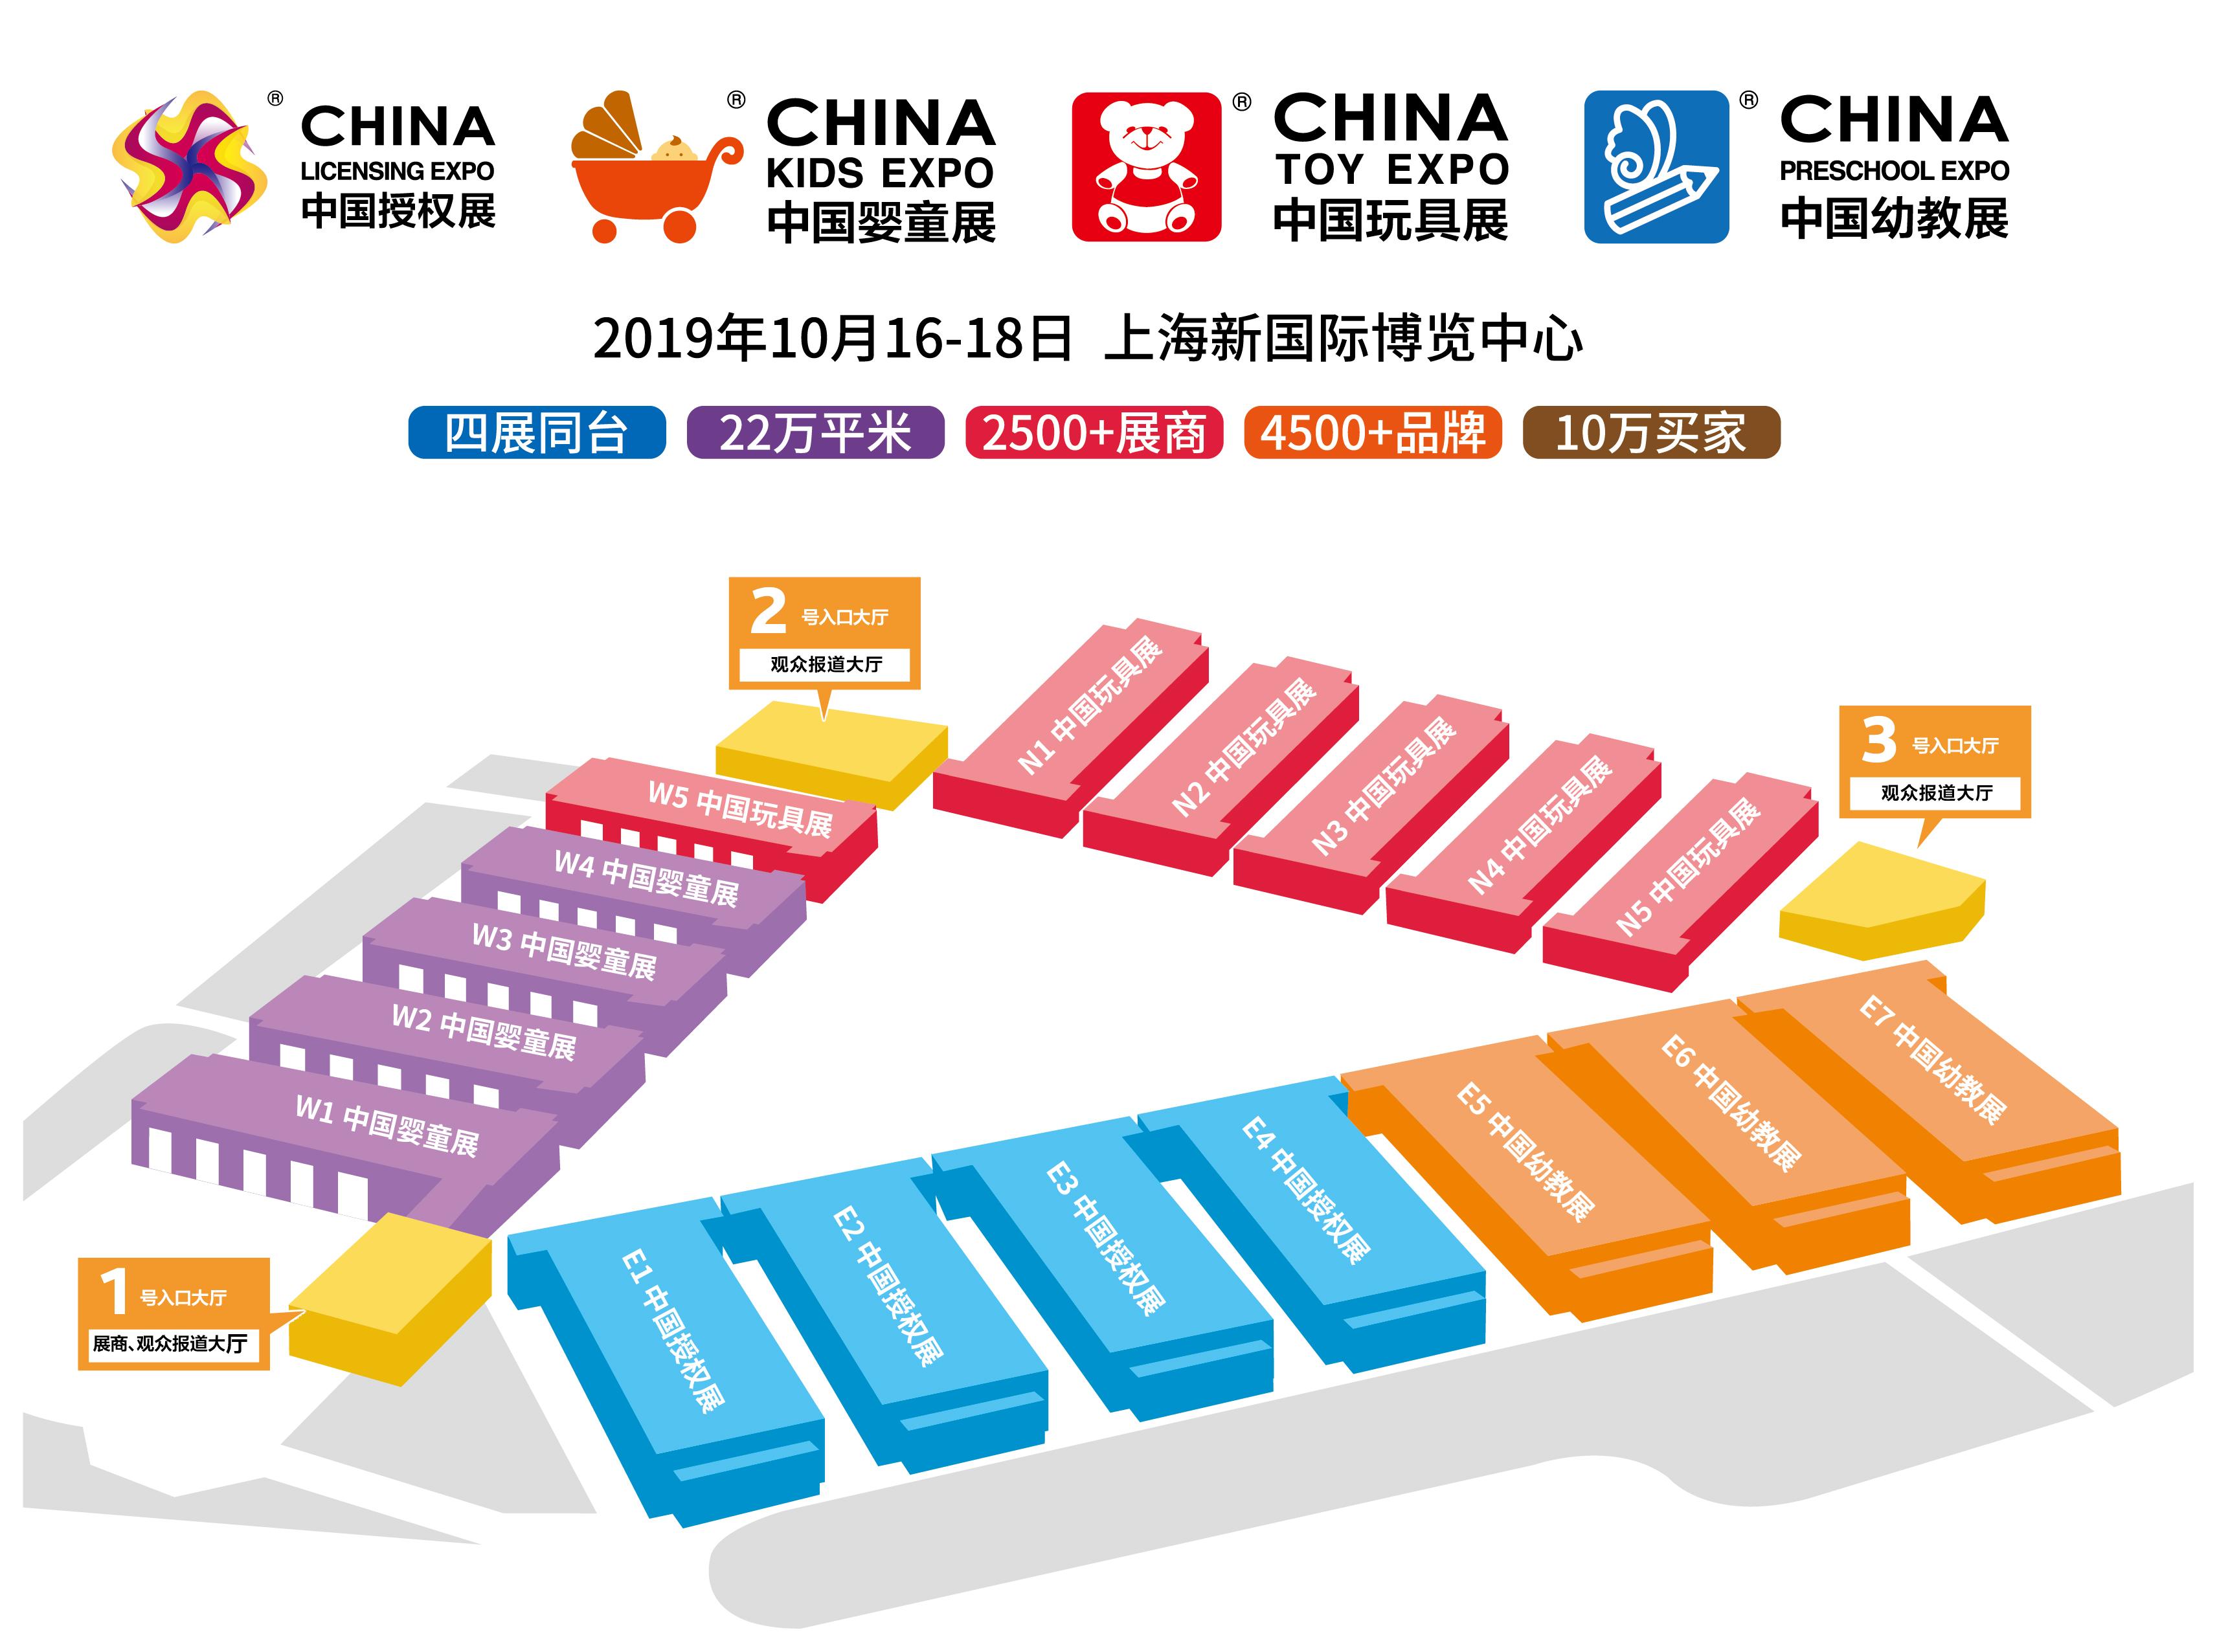 中国玩具展展位图2019